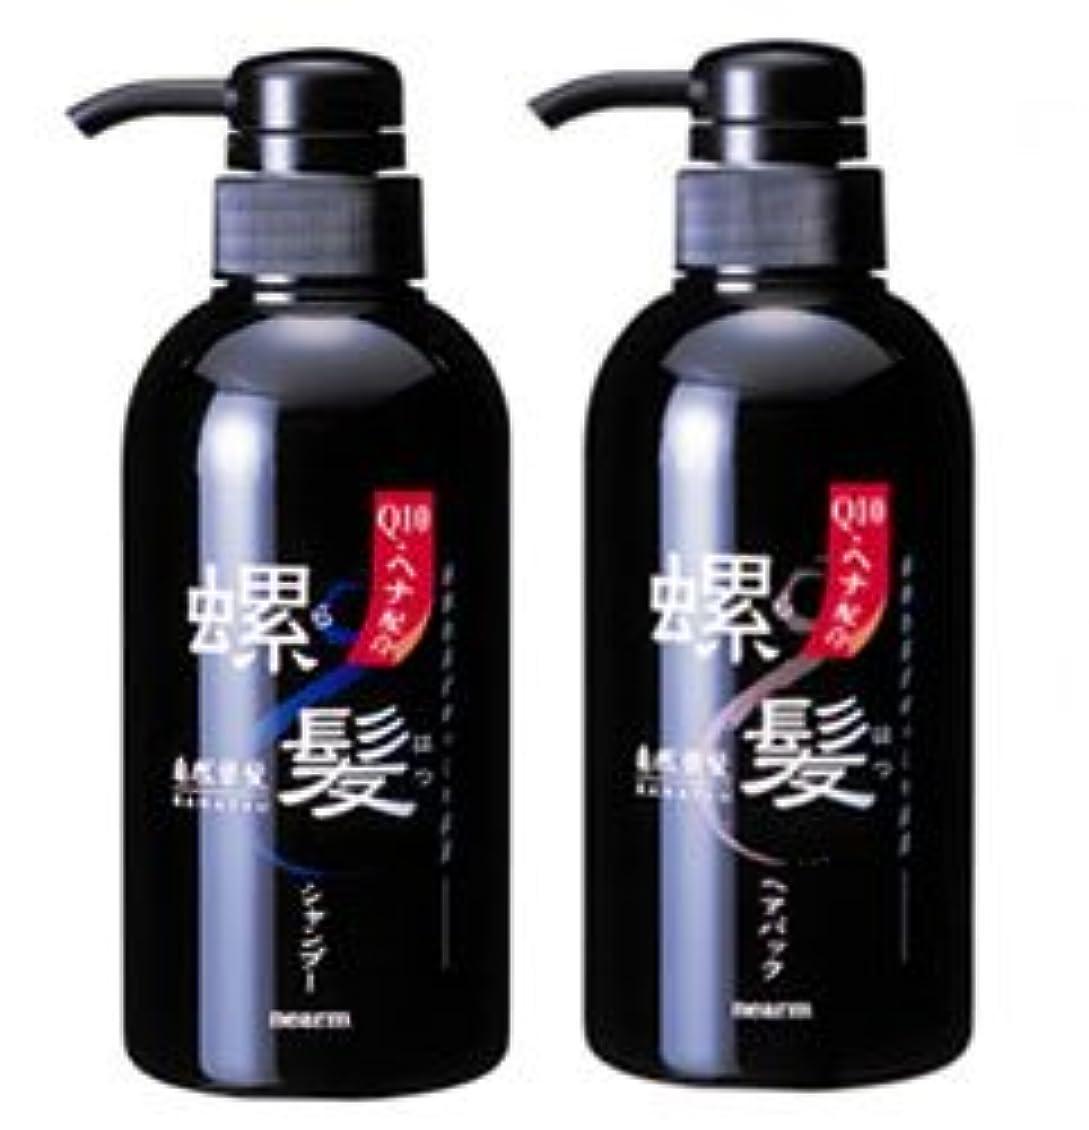 ハブブ衣装許容できるネアーム 螺髪(らはつ)輝かがやきUBヘアパック ブラック2本セット (350ml)